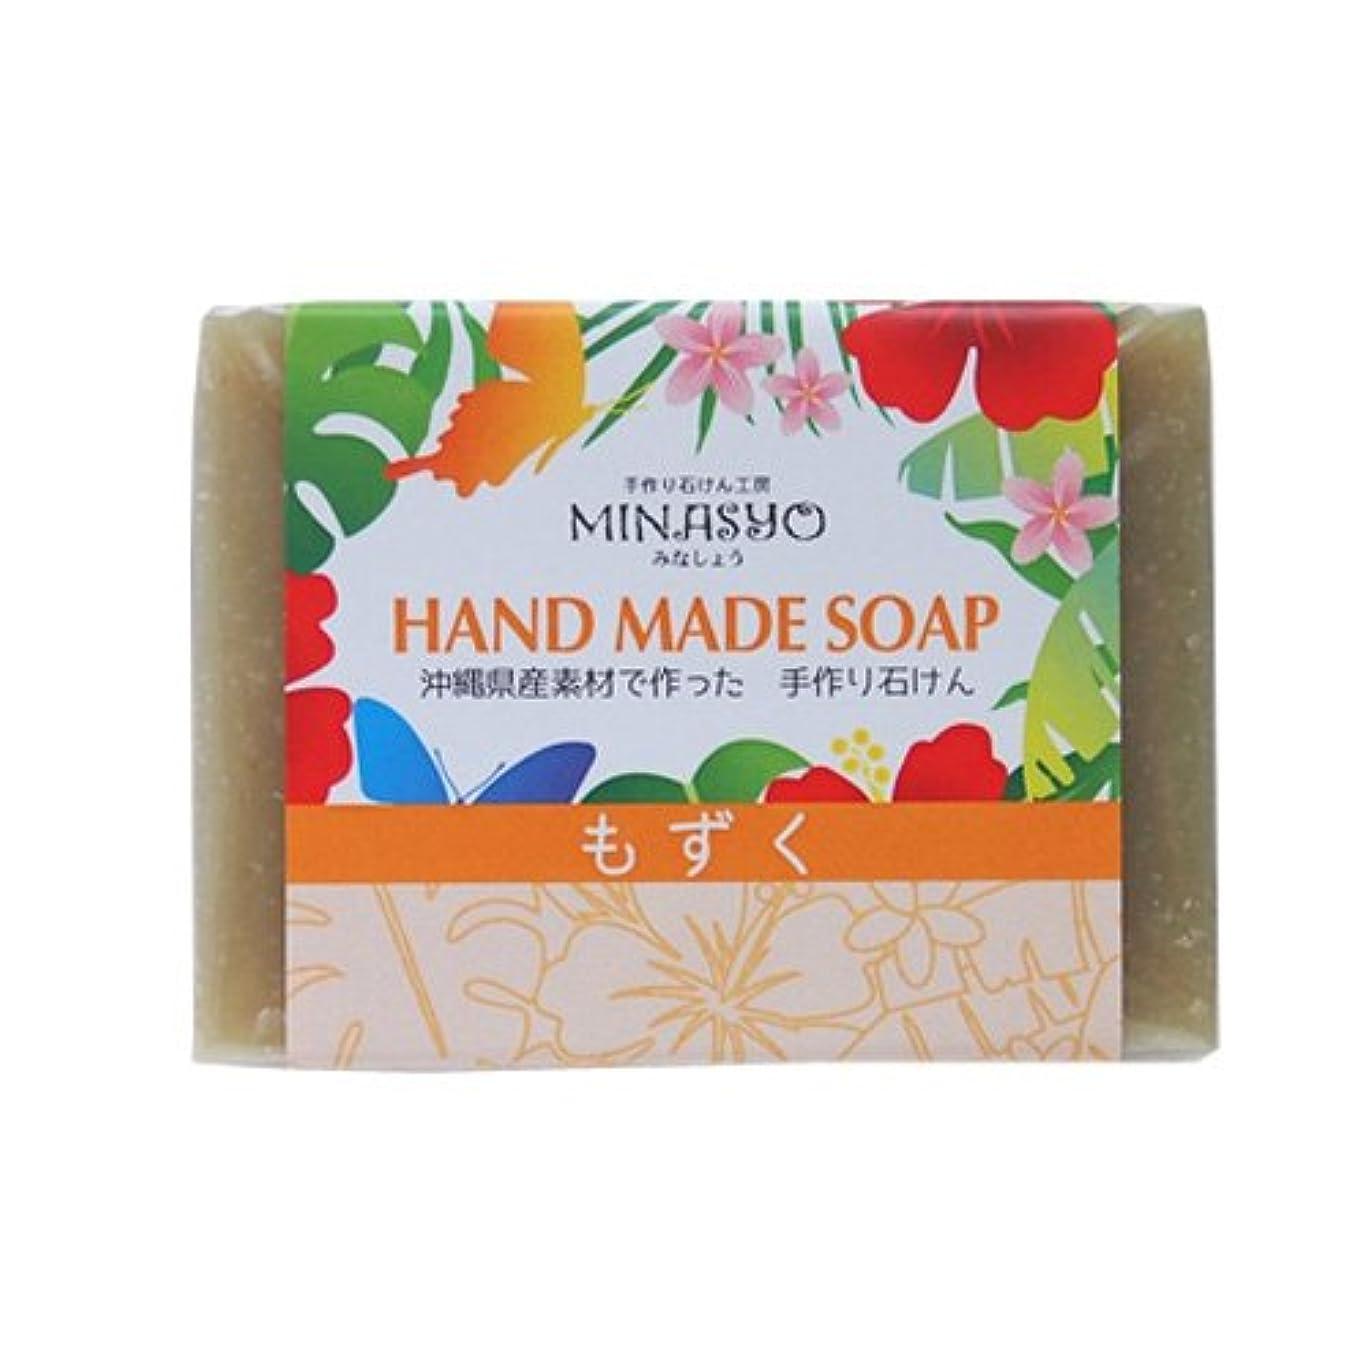 従事する繕うシャックル洗顔石鹸 固形 無添加 保湿 敏感肌 乾燥肌 手作りもずく石鹸